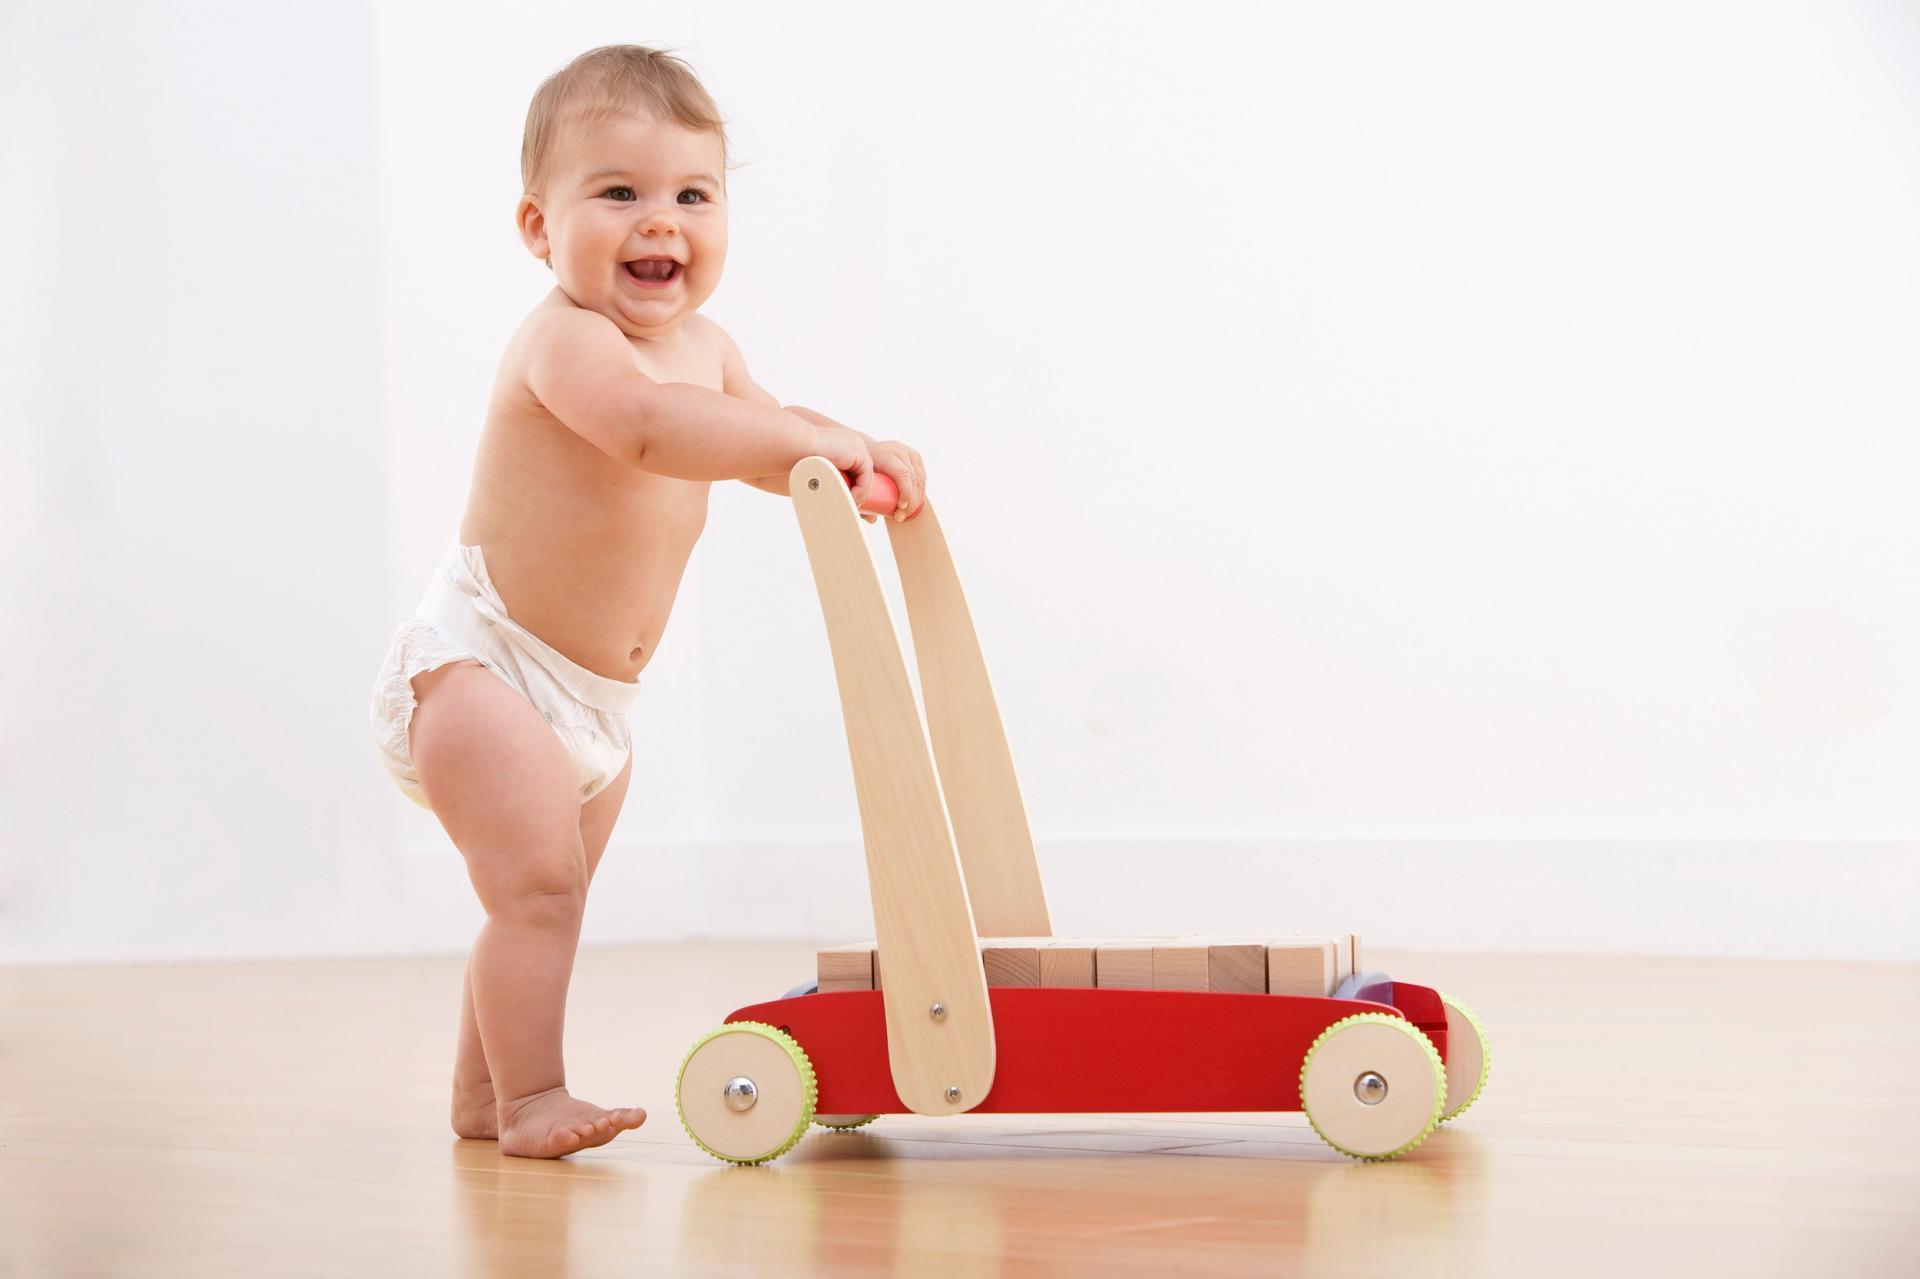 9 месяцев ребенок встает на носочки выберите раздел